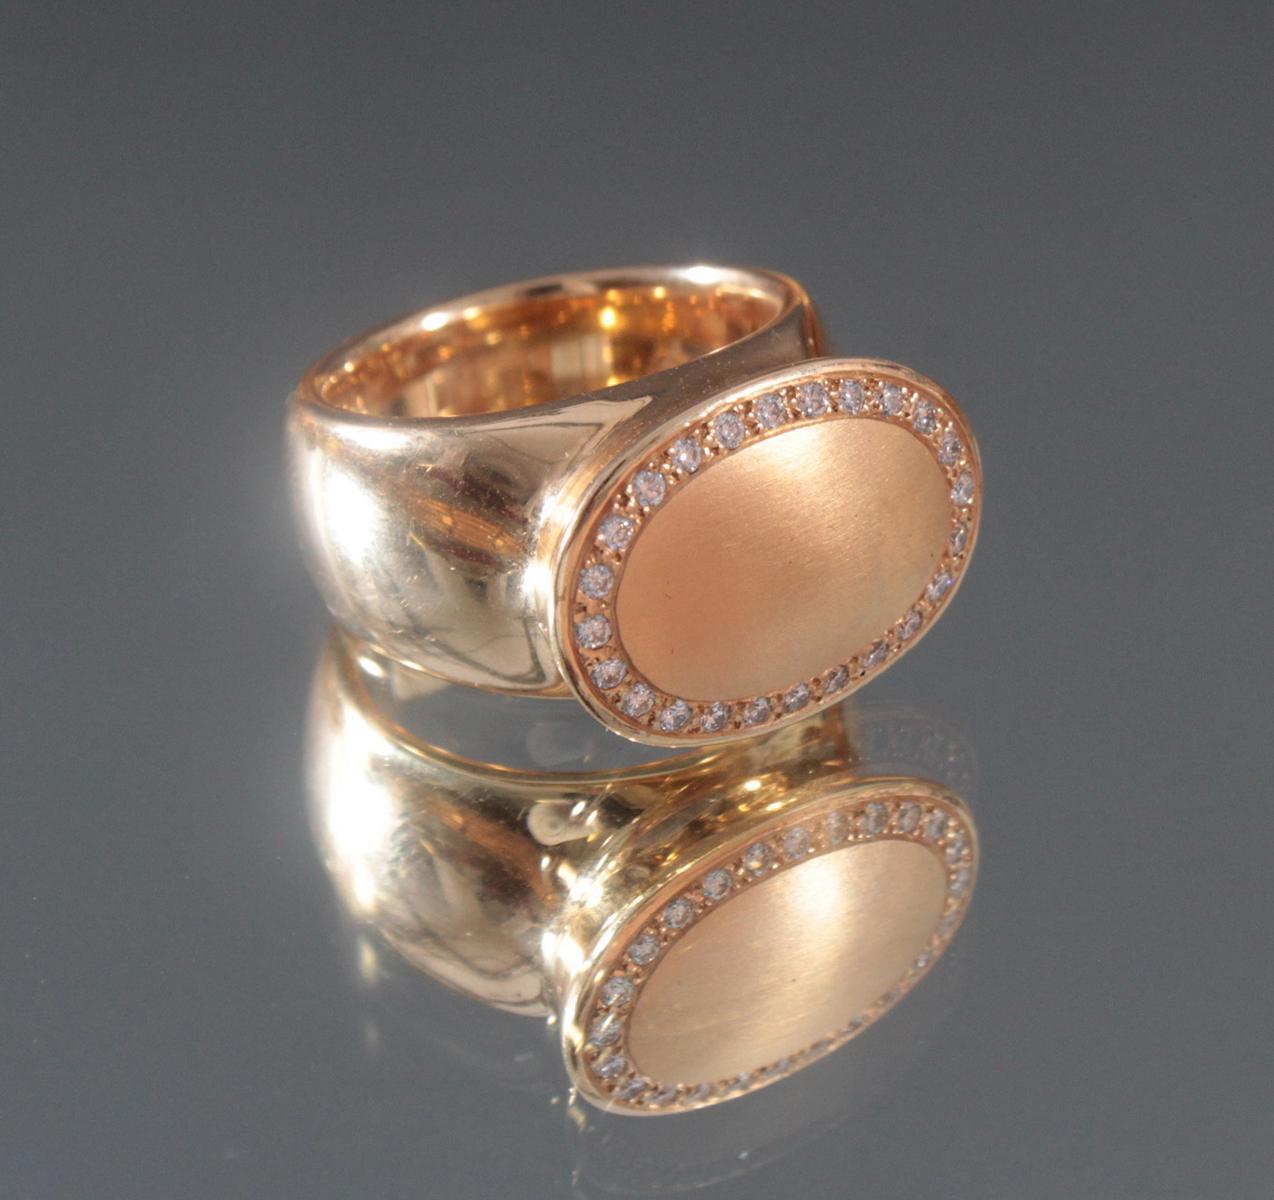 Damenring aus 18 Karat Gelbgold mit Diamanten von insg. ca. 0,24 Karat-2